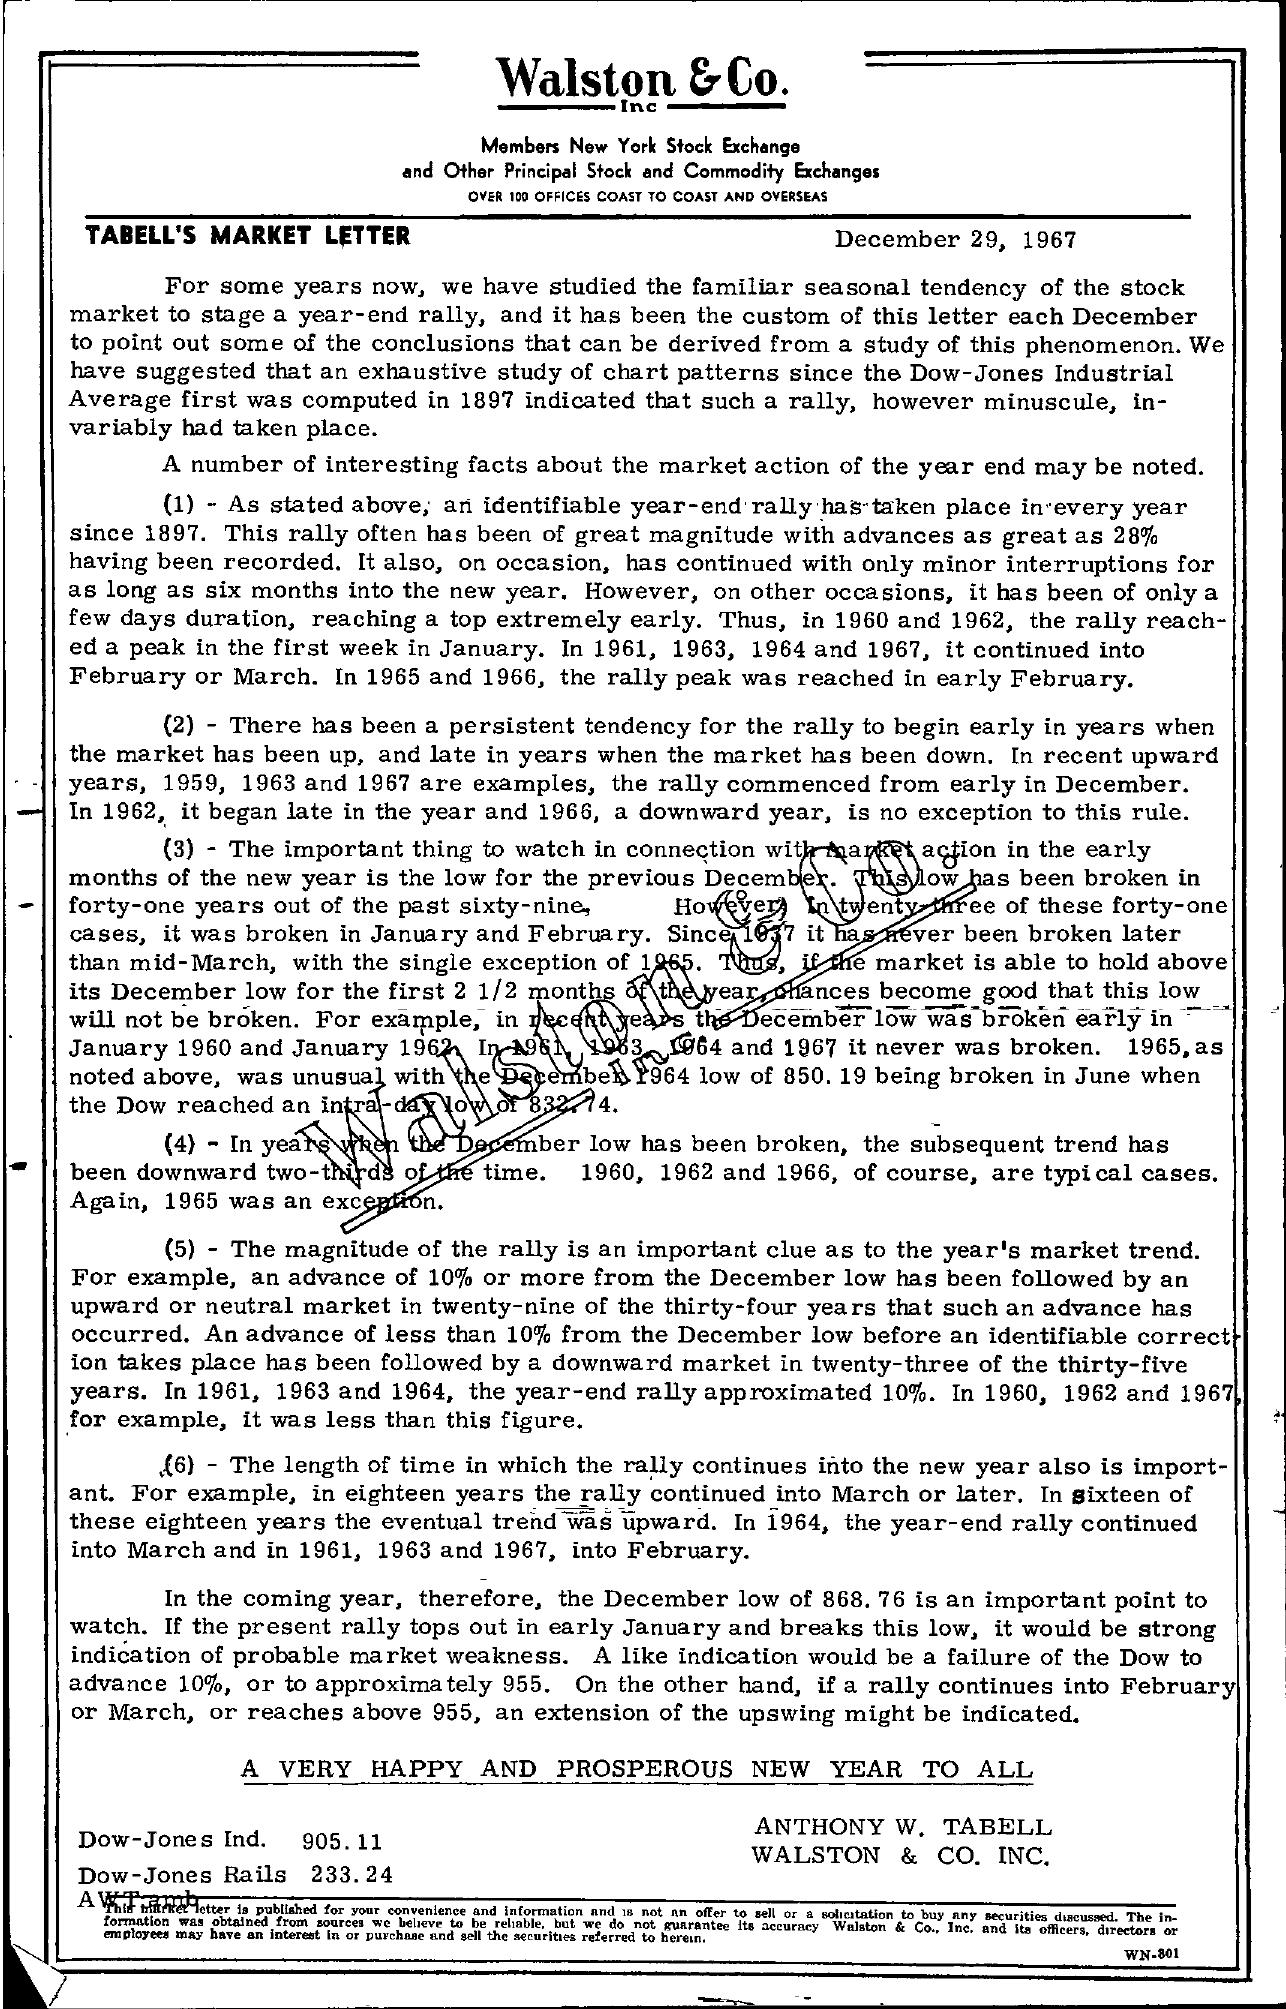 Tabell's Market Letter - December 29, 1967